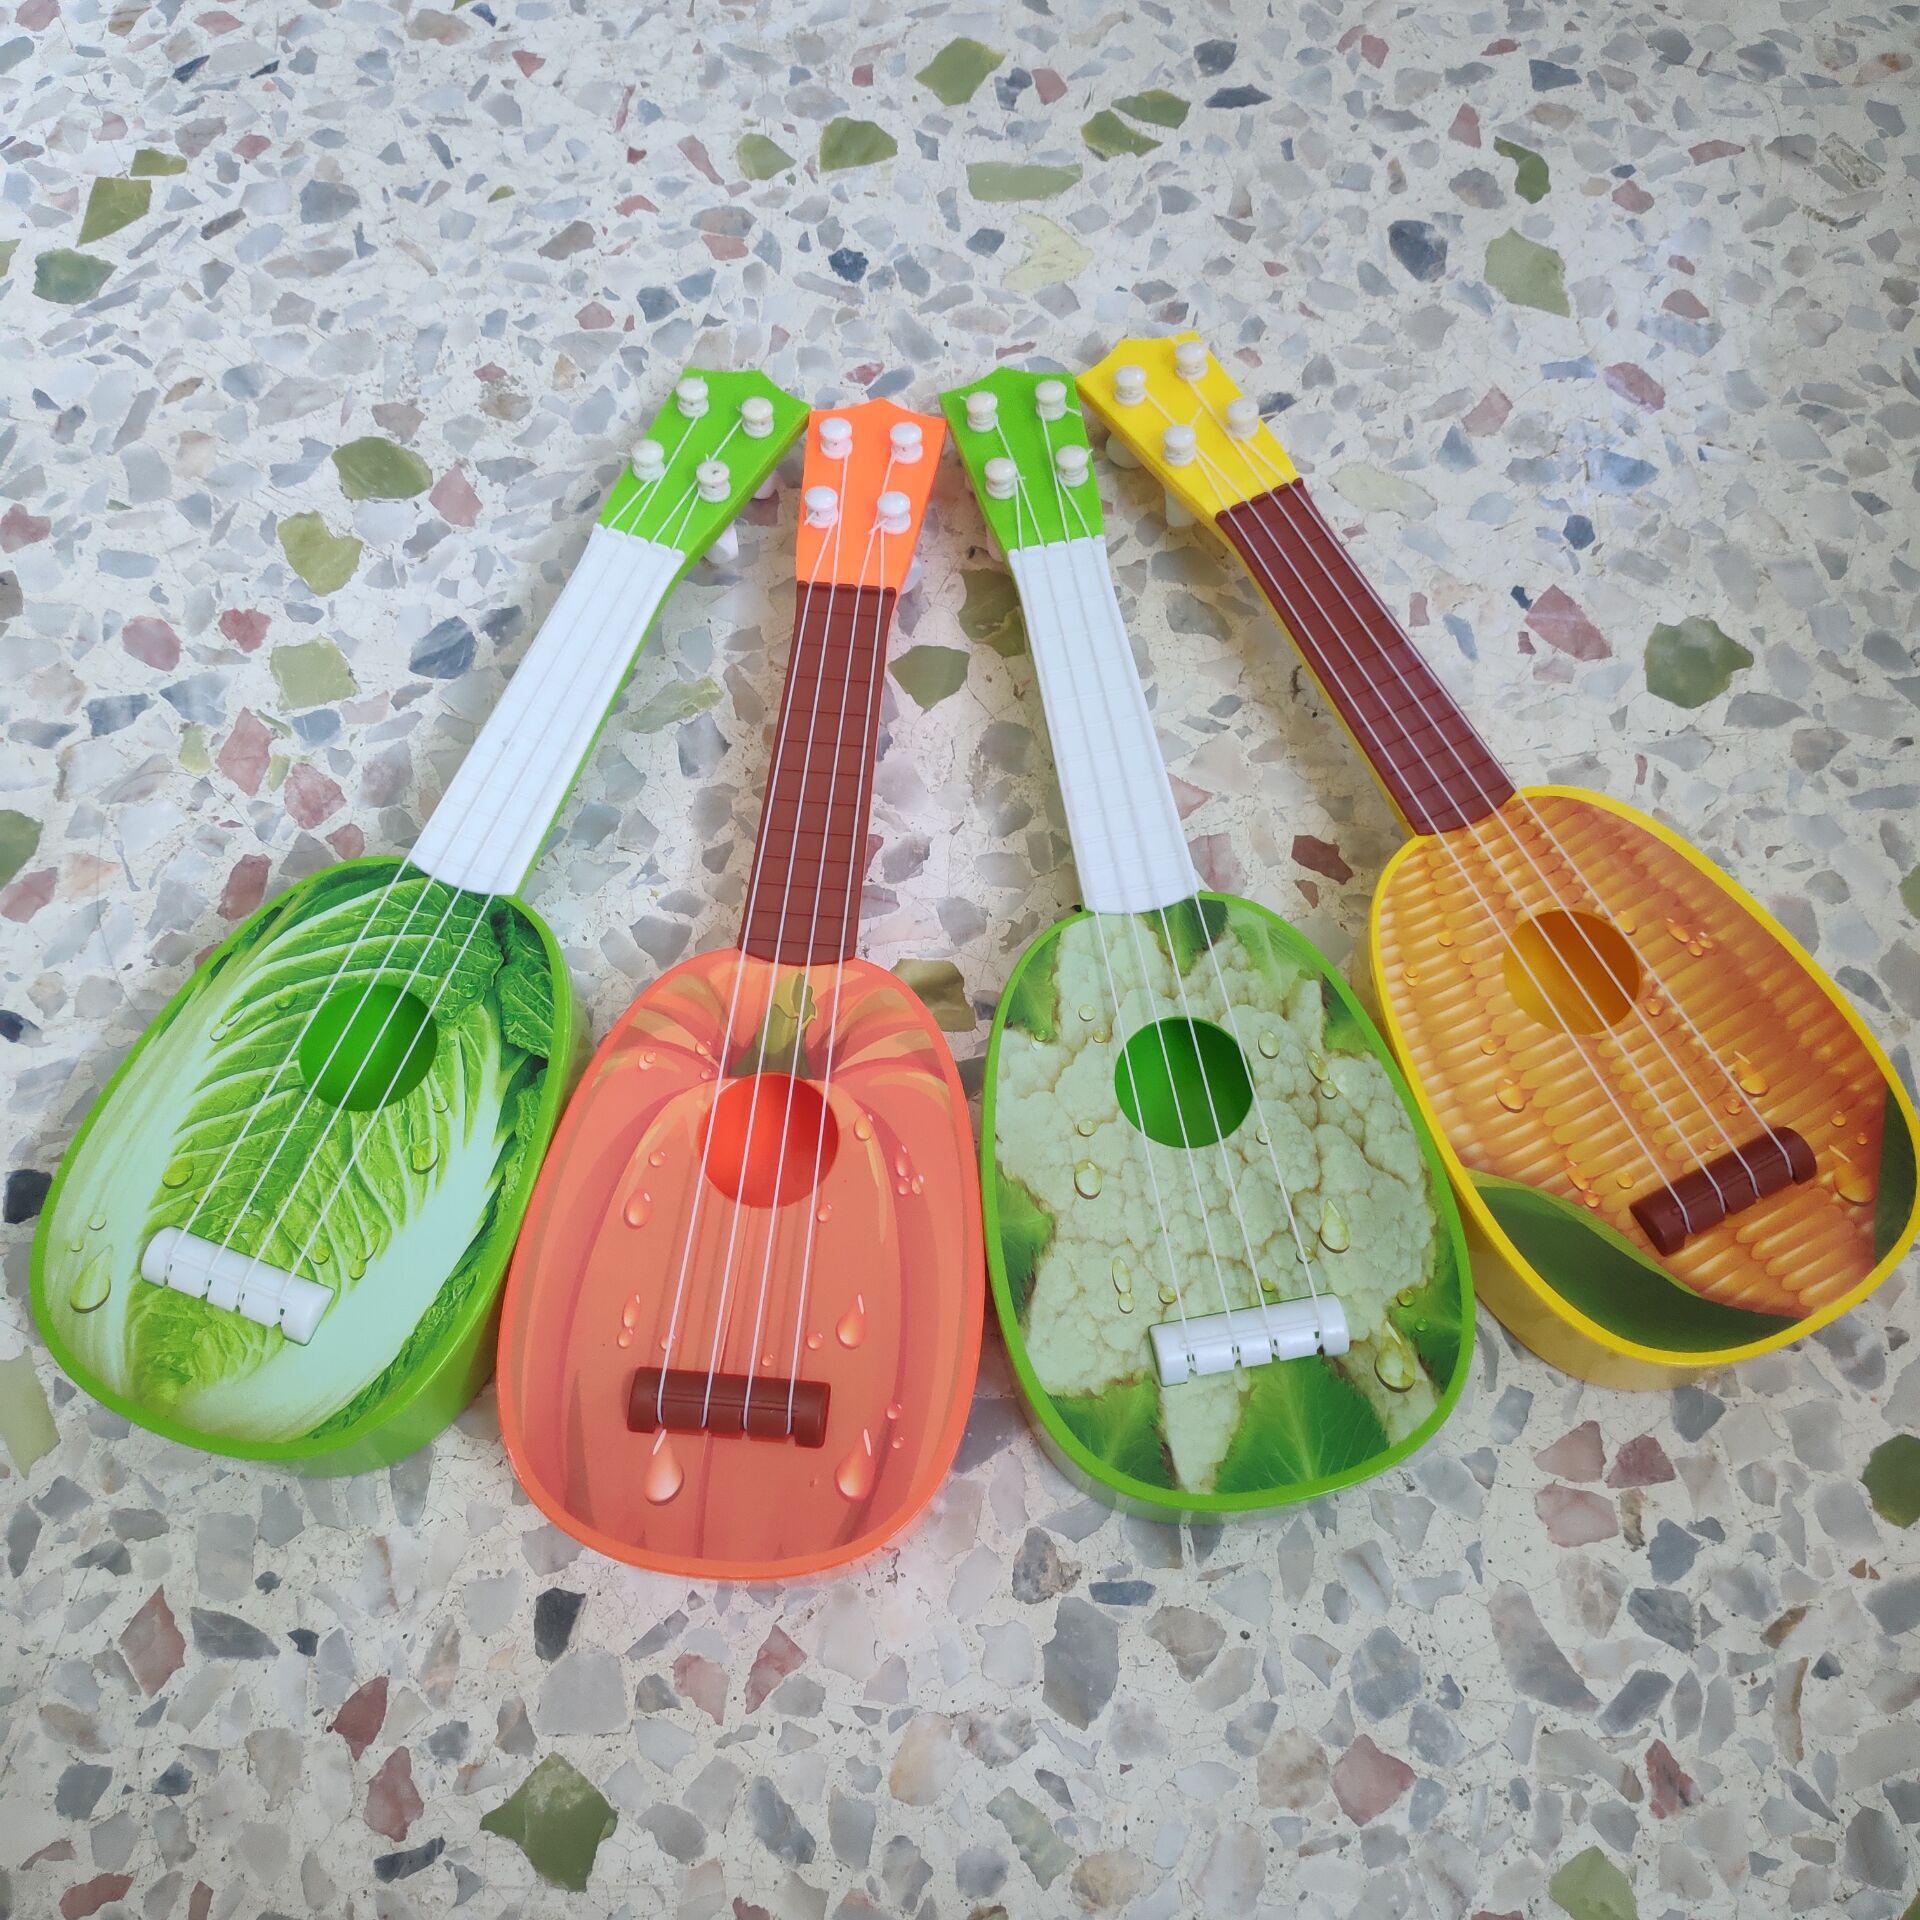 儿童仿真水果吉他玩具早教乐器卡通尤克里里乌克丽丽礼品赠品玩具